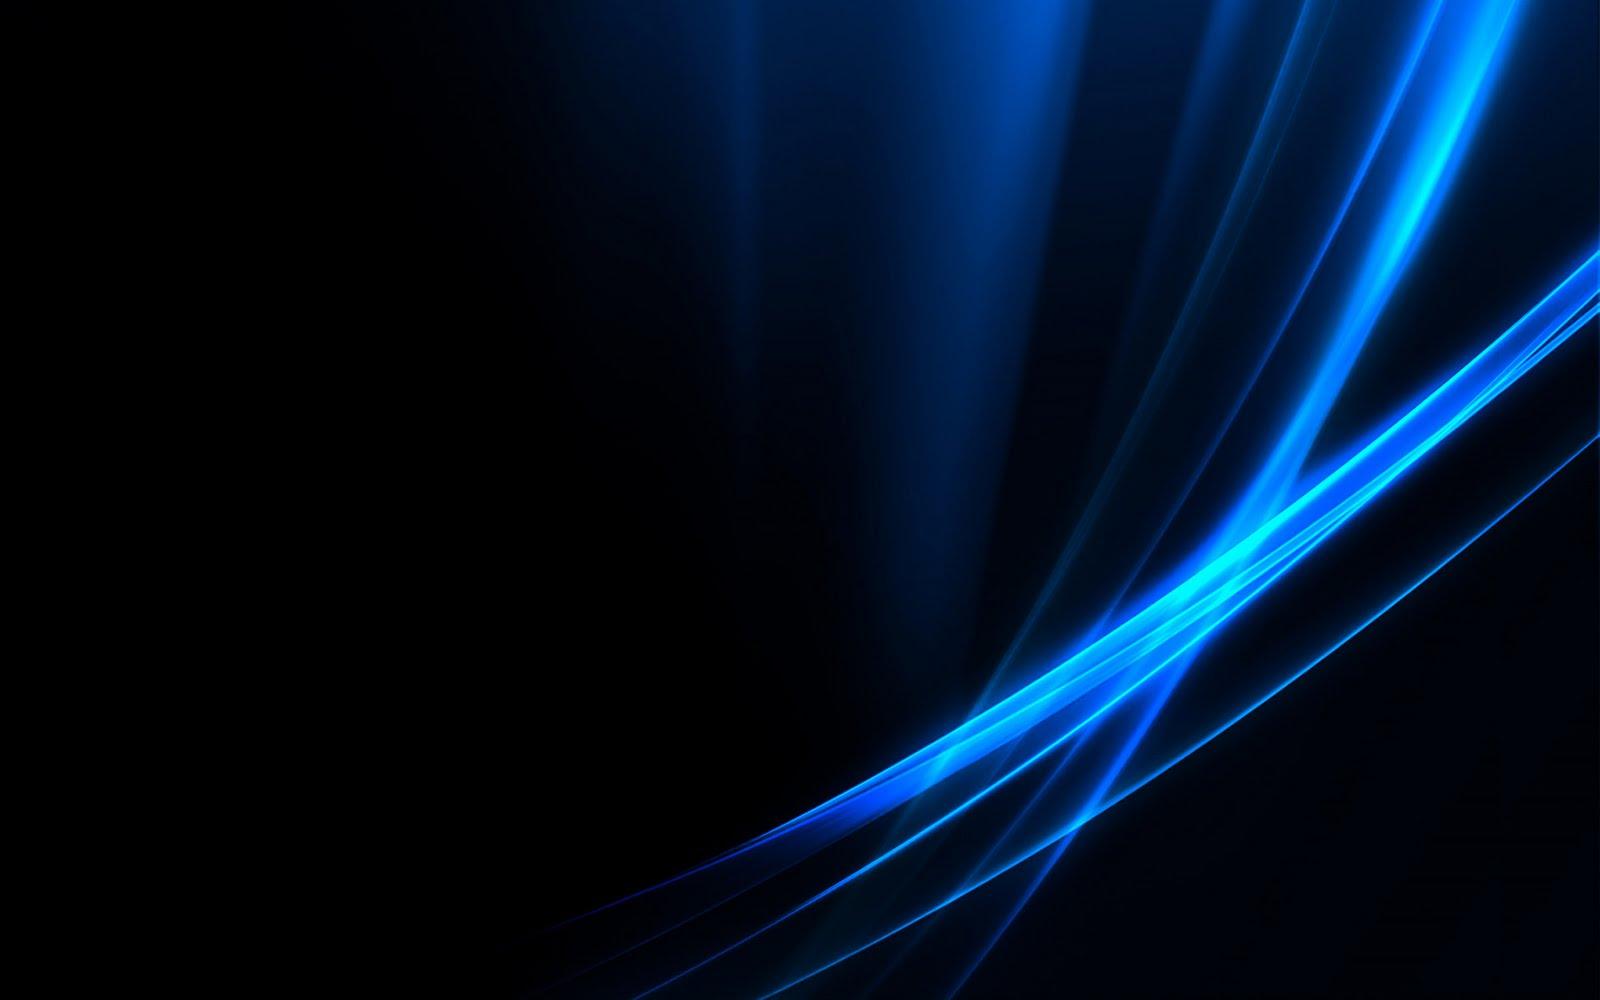 un fondo de pantalla oscuro con destellos azules serio pero con estilo ...